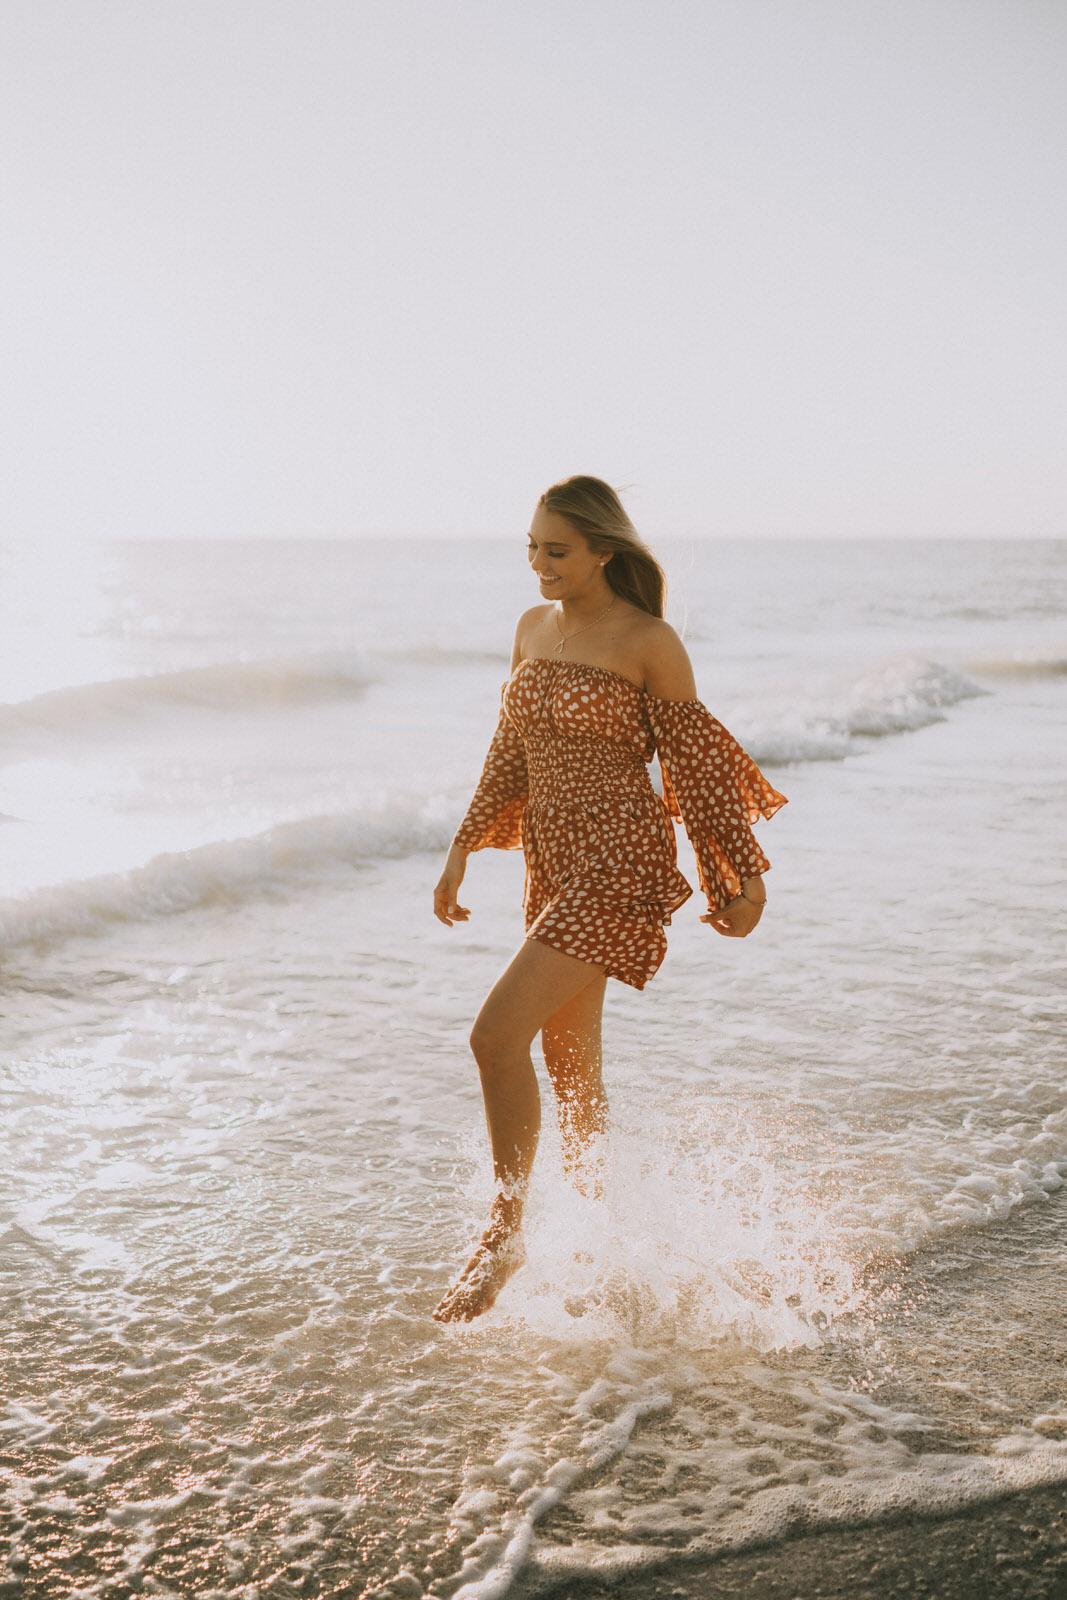 Fort Myers Senior Photos on Bonita Beach - Michelle Gonzalez Photography - Skyler Hart-92.JPG